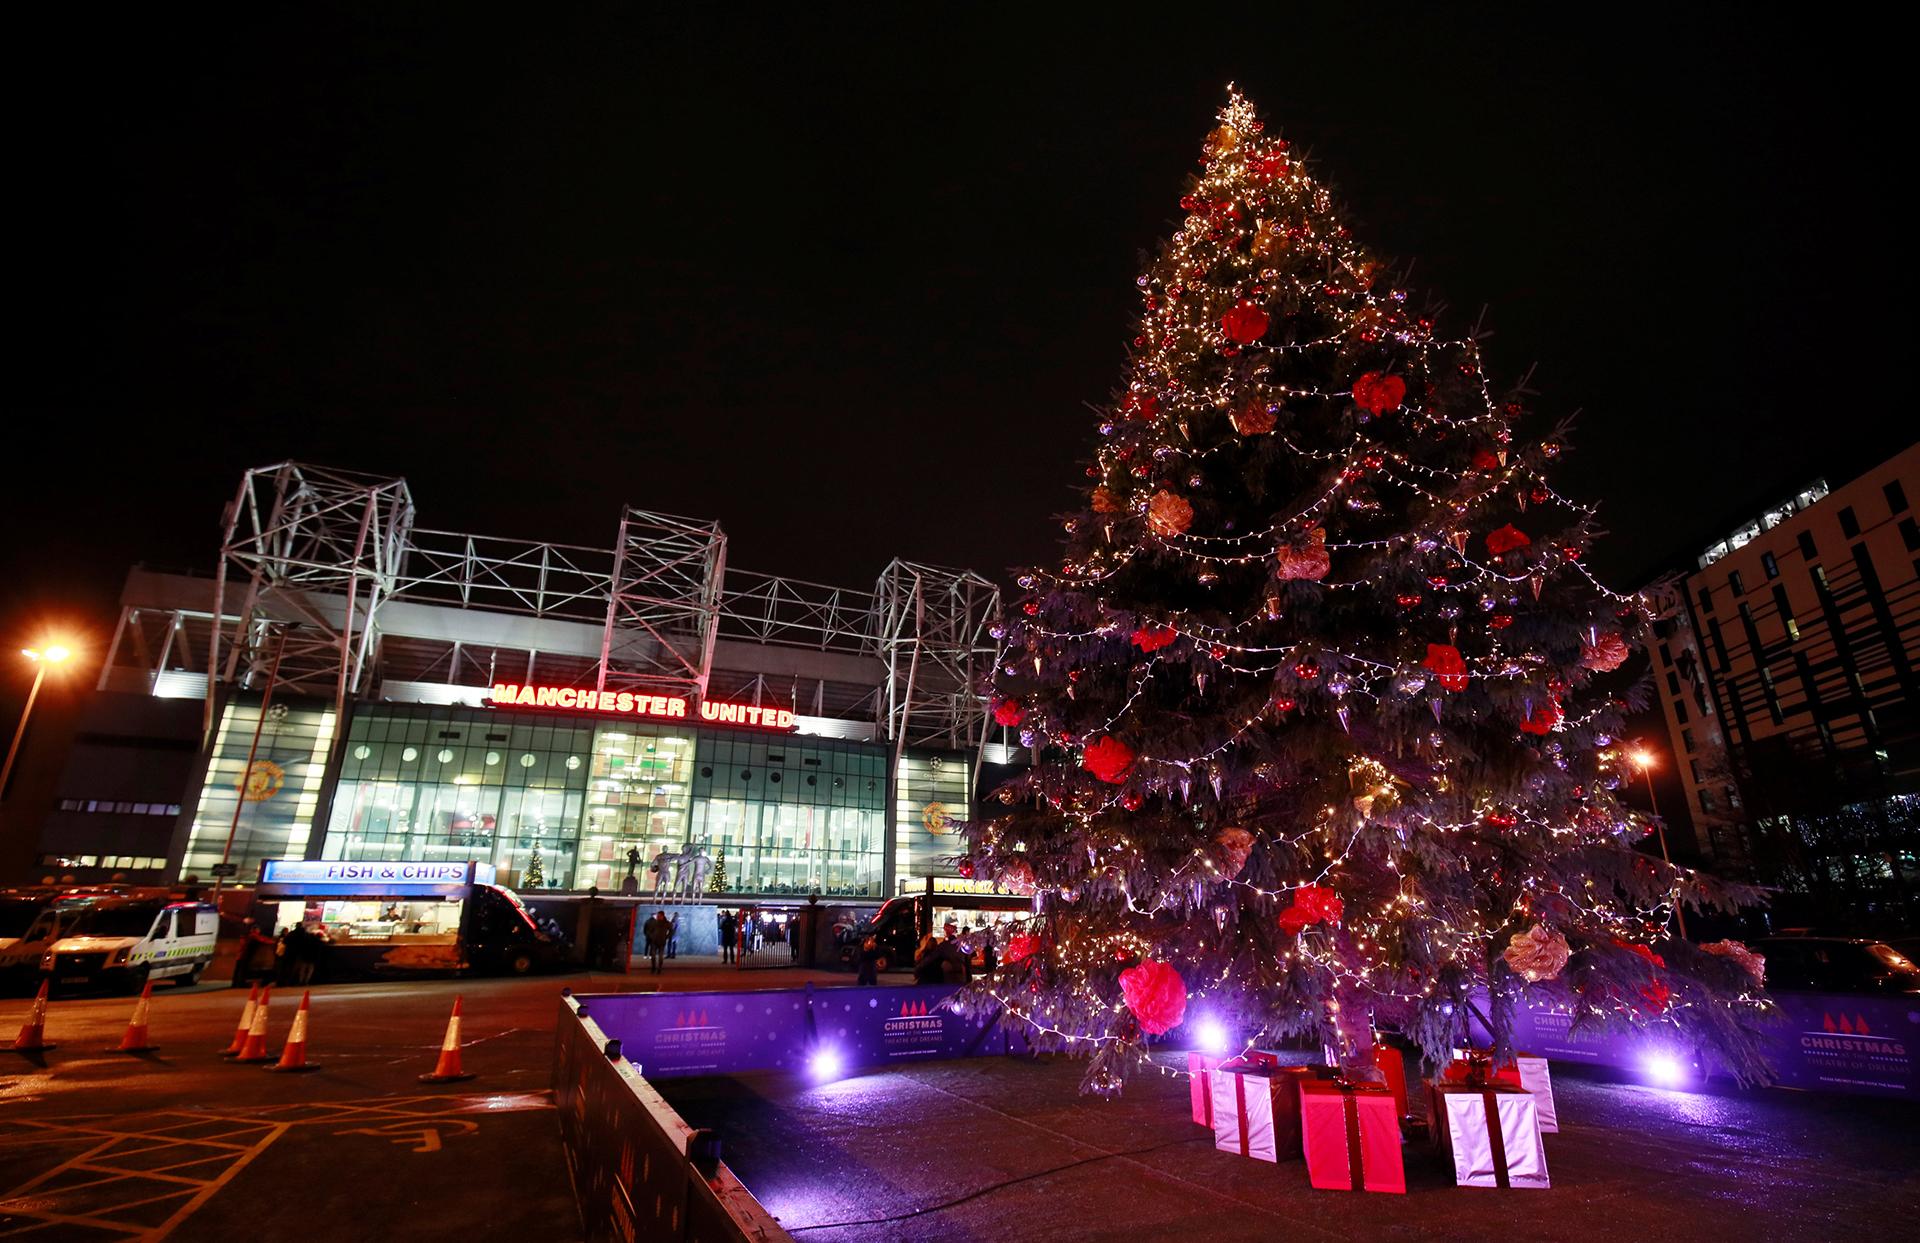 El árbol del Manchester United, frente al estadio Old Trafford